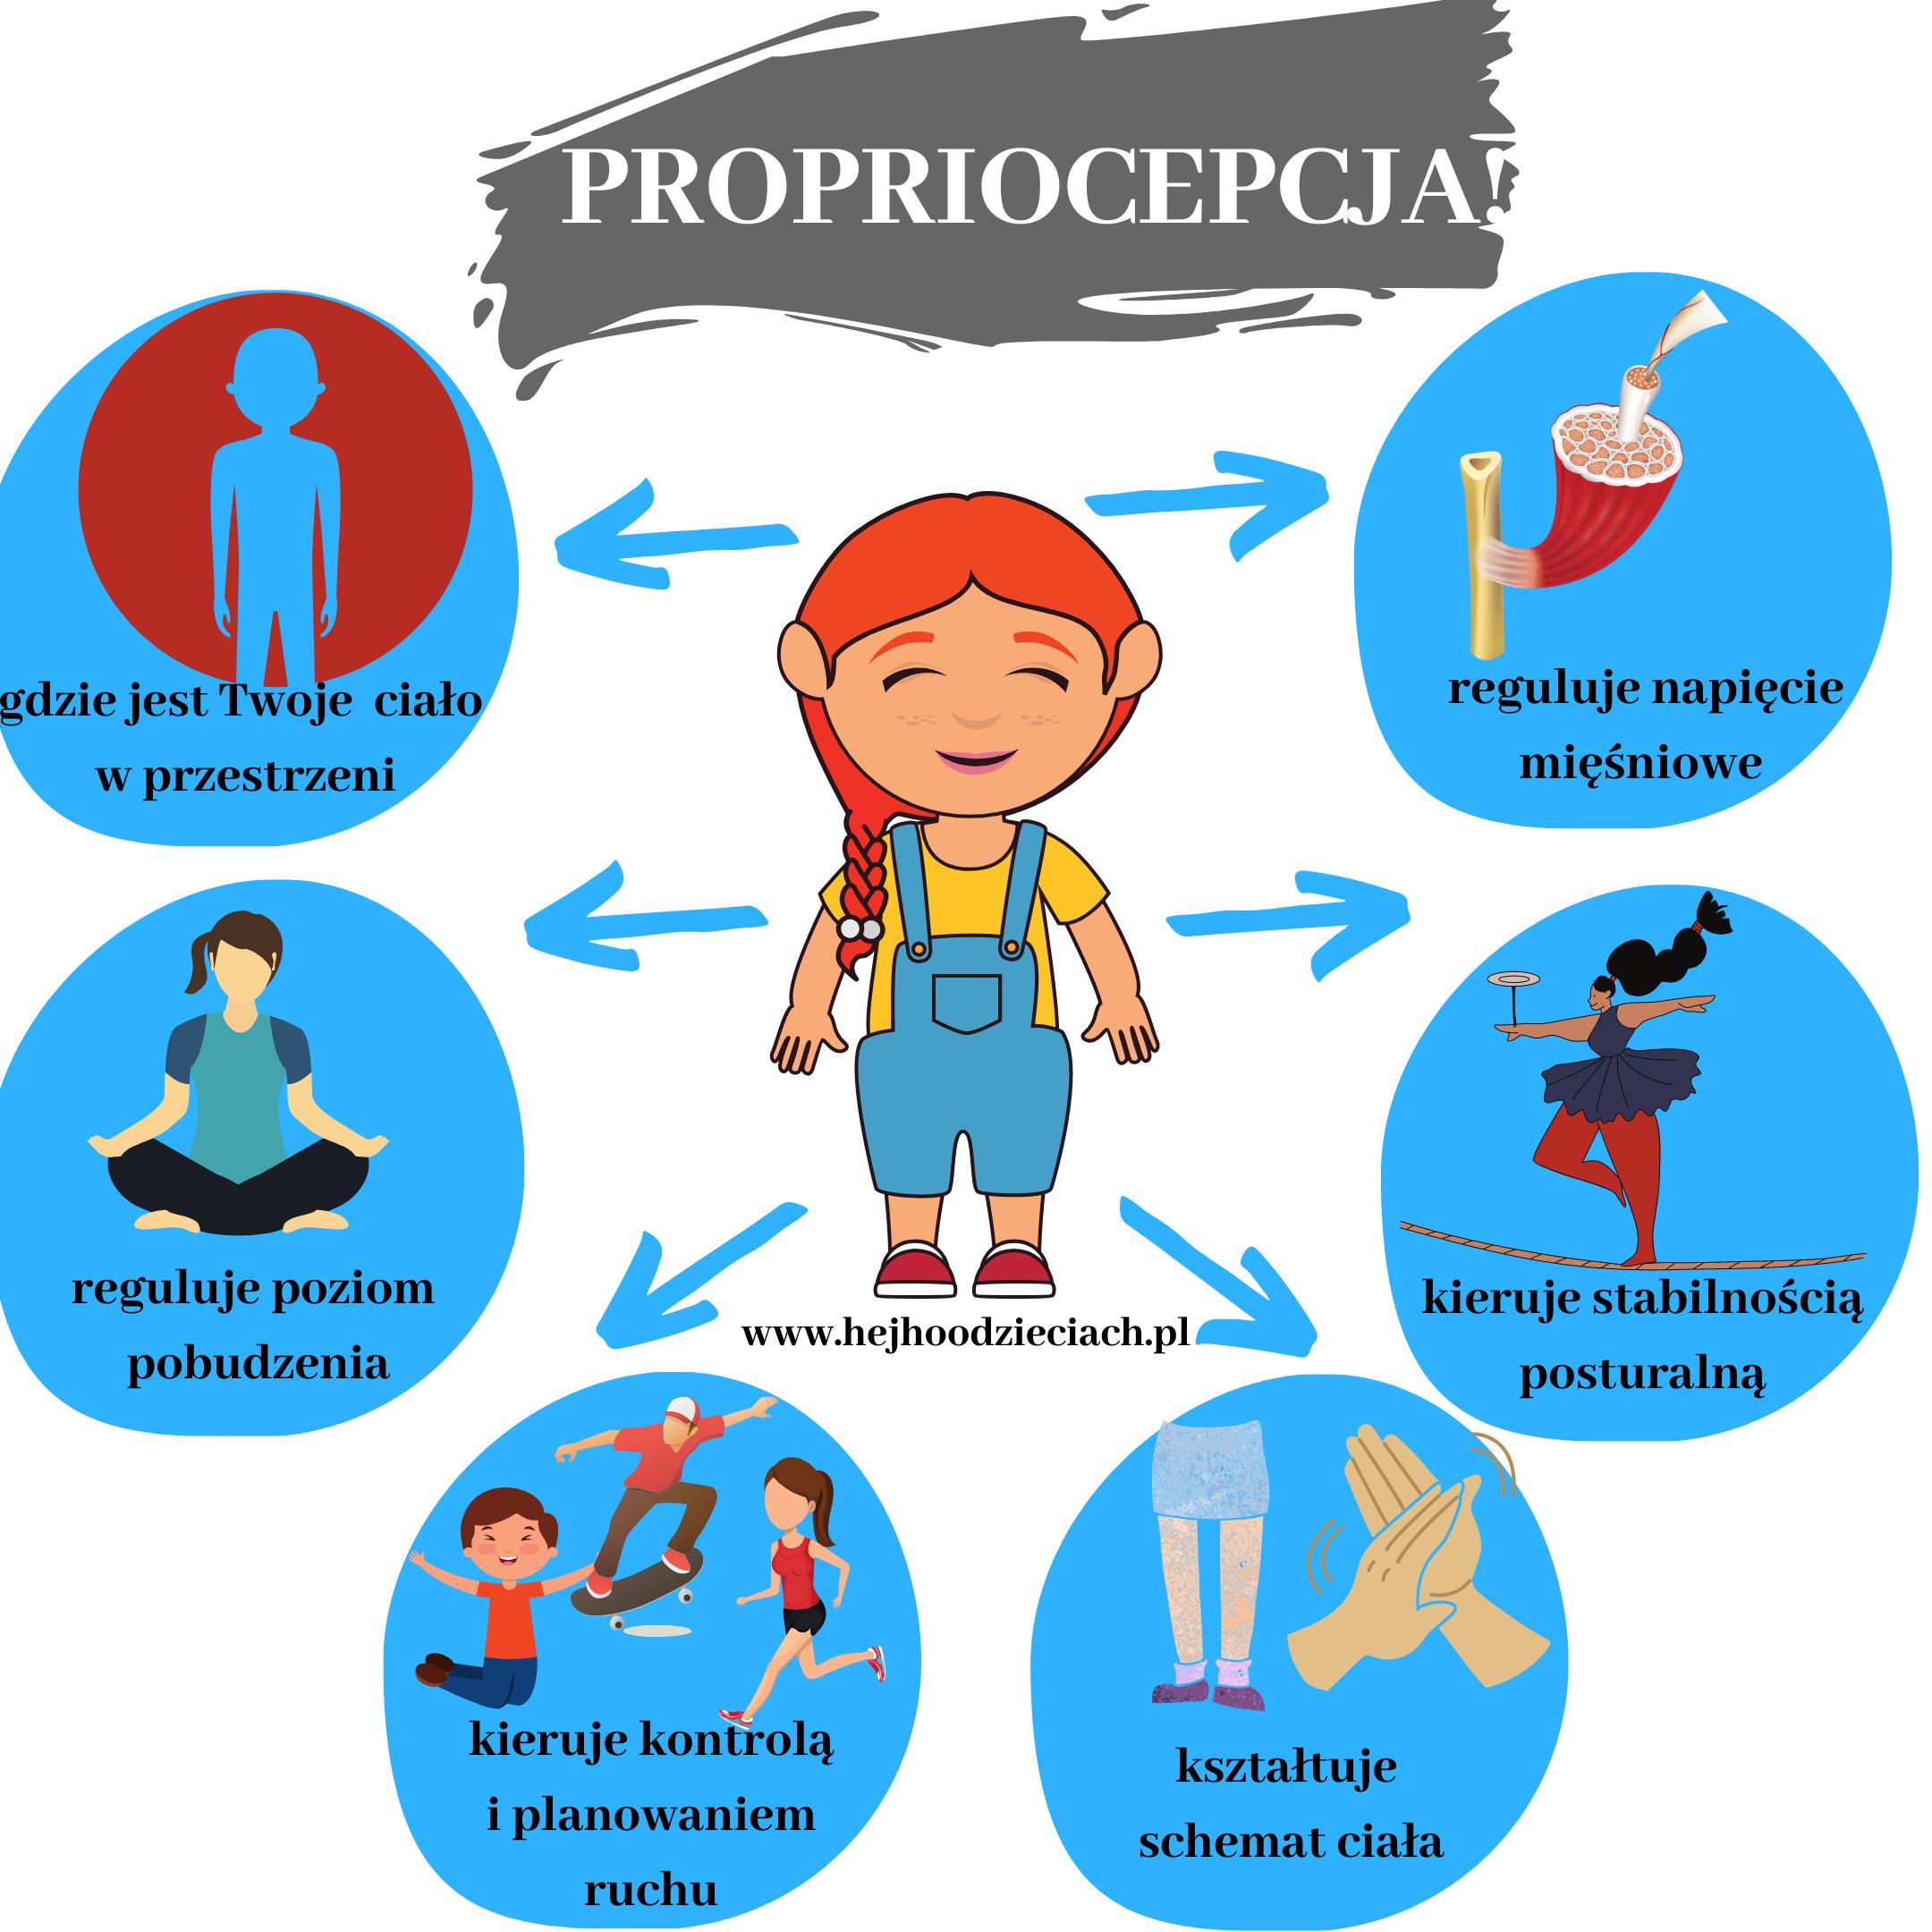 propriocepcja